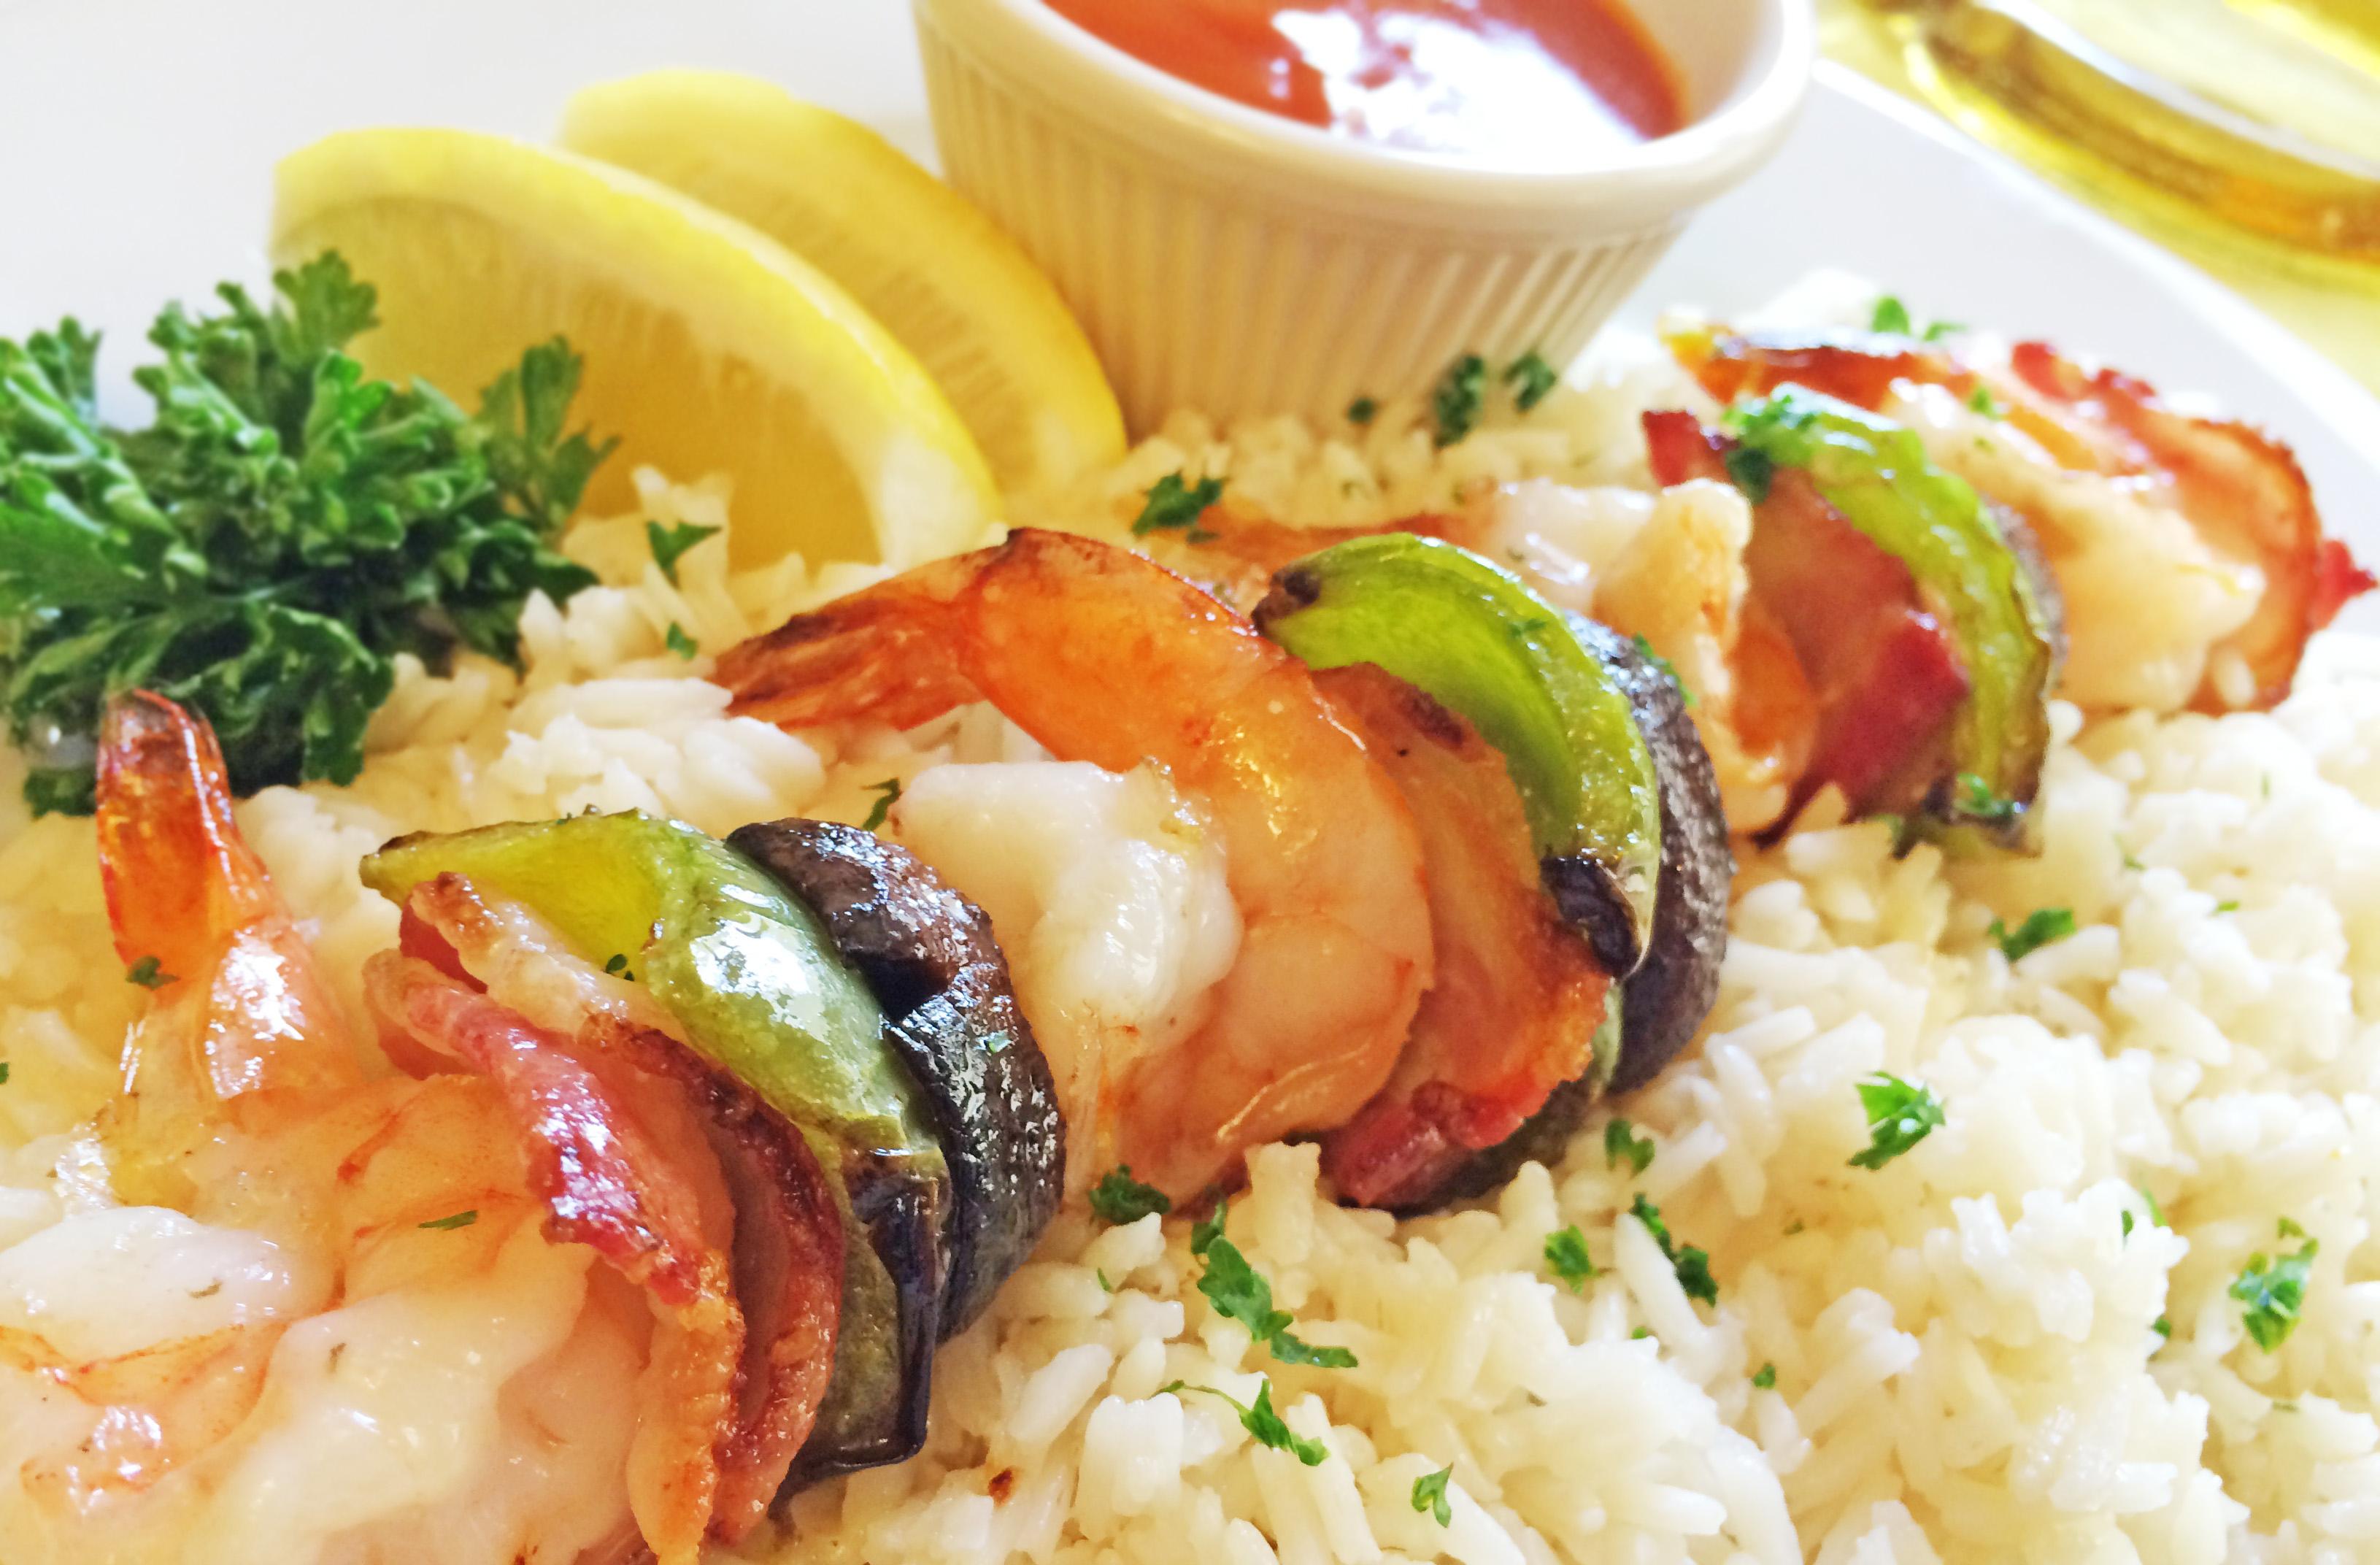 Lubach's Cabrillo Shrimp